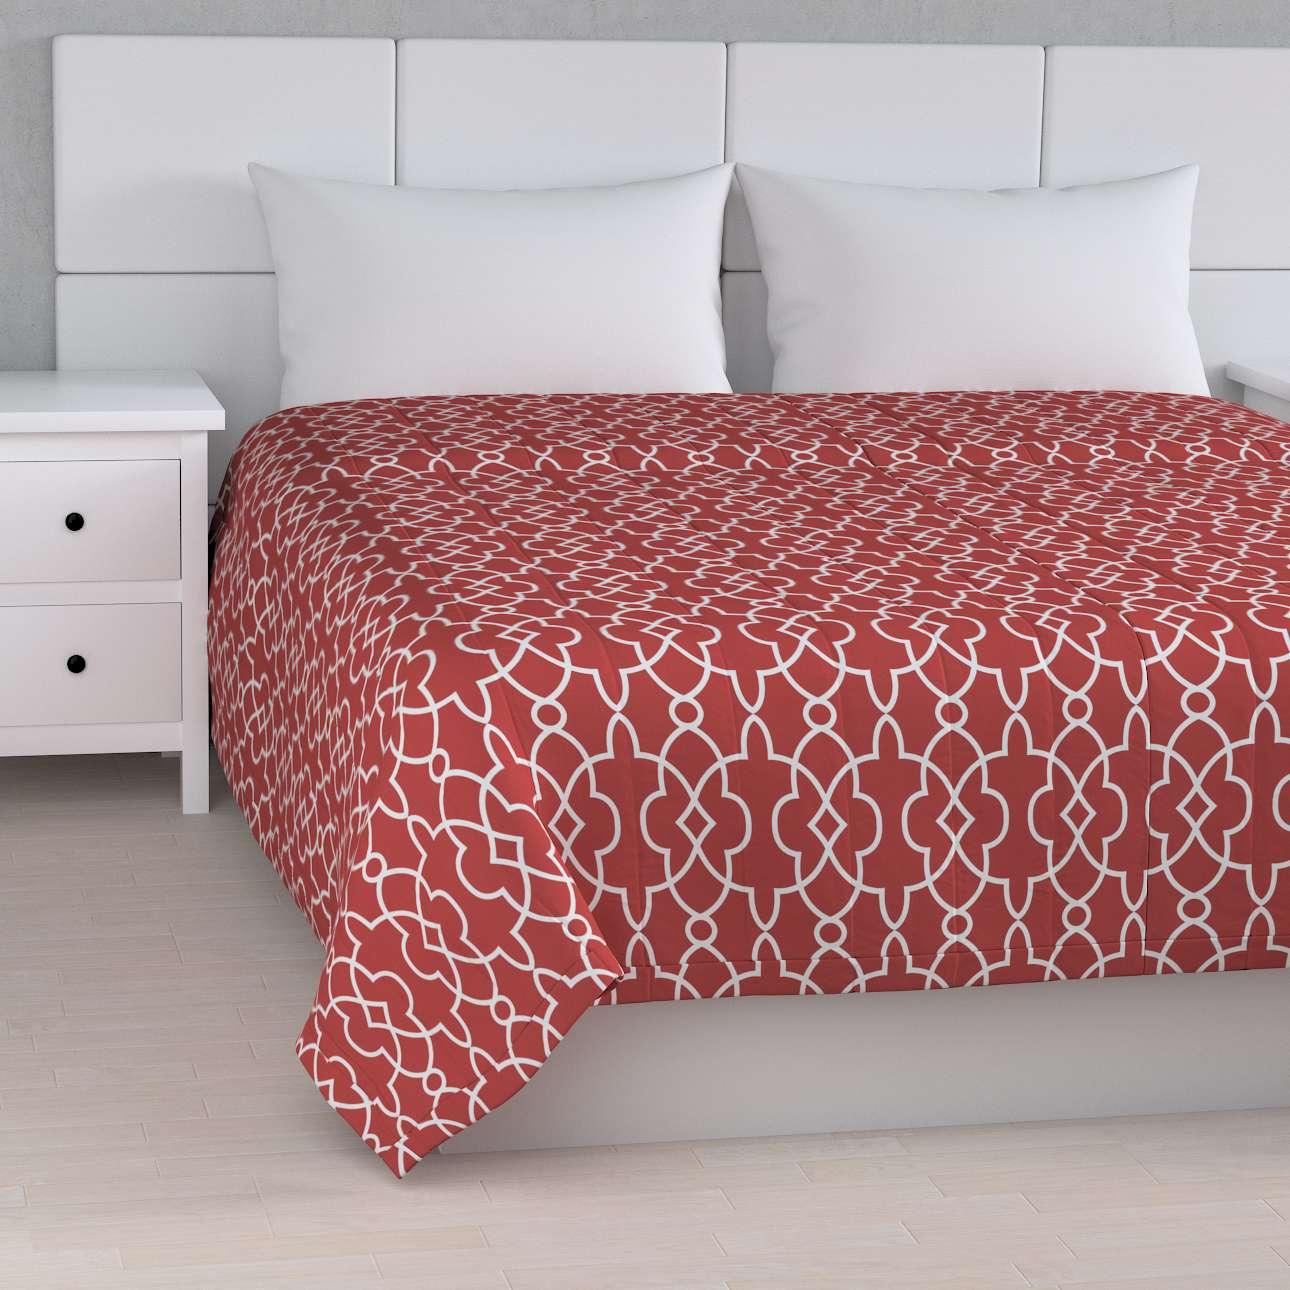 Tagesdecke mit Streifen-Steppung von der Kollektion Gardenia, Stoff: 142-21